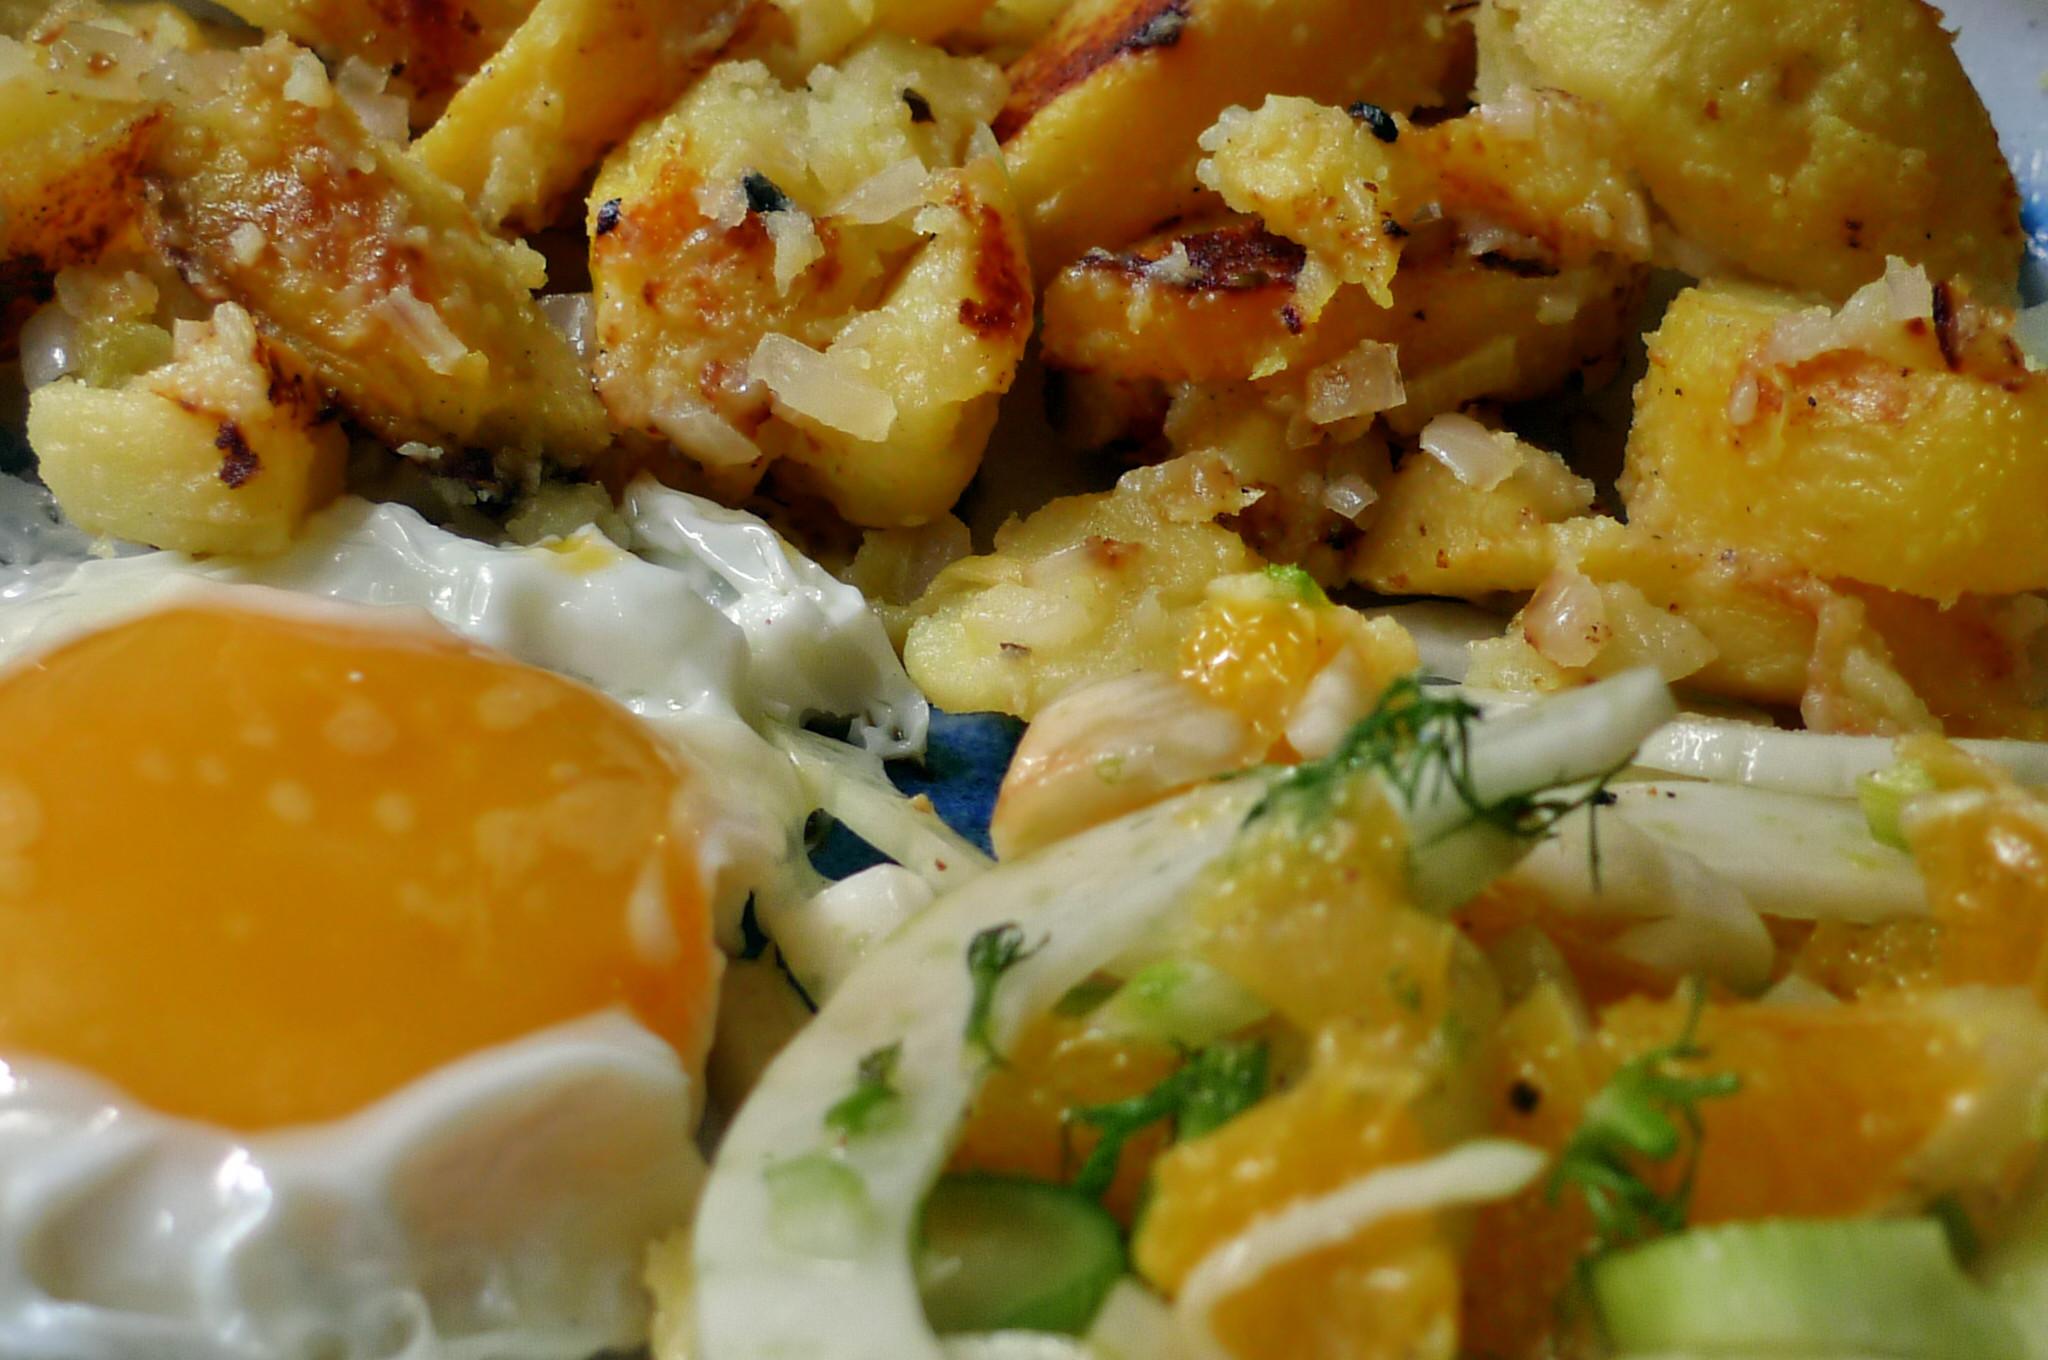 Bratkartoffel,Spiegelei,Fenchelsalat - 24.2.15   (10)